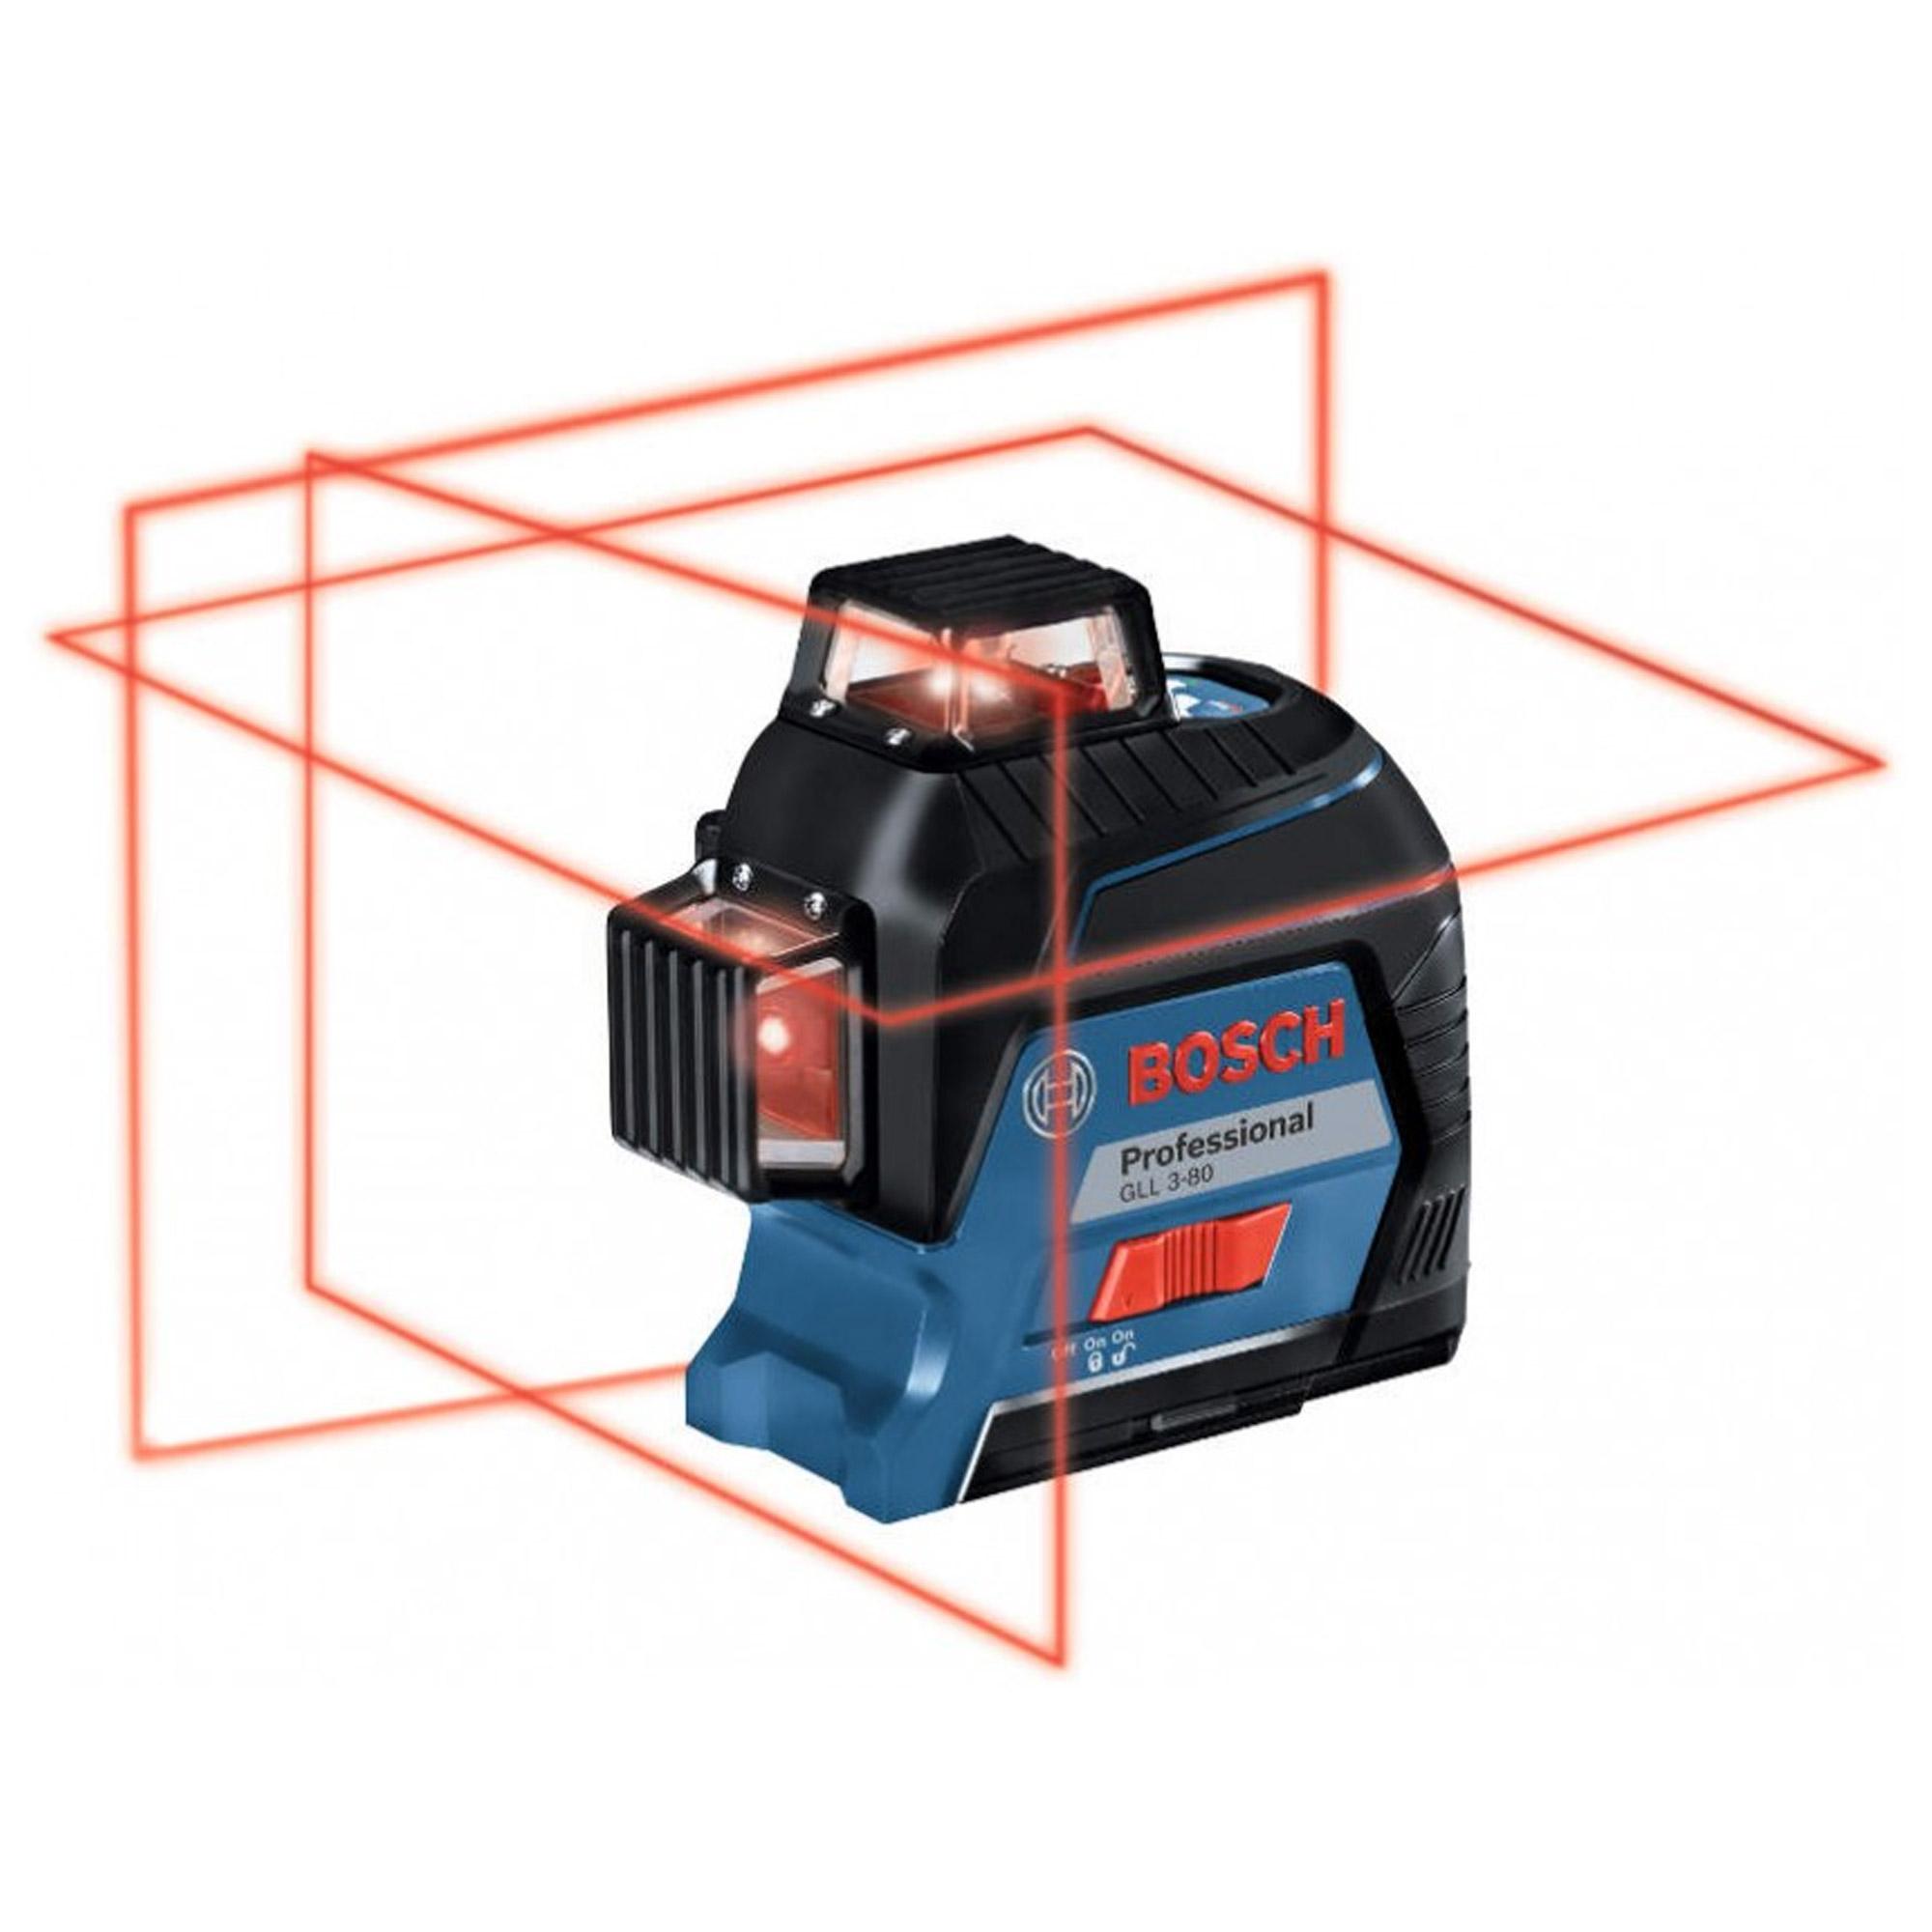 laser gll 3 80